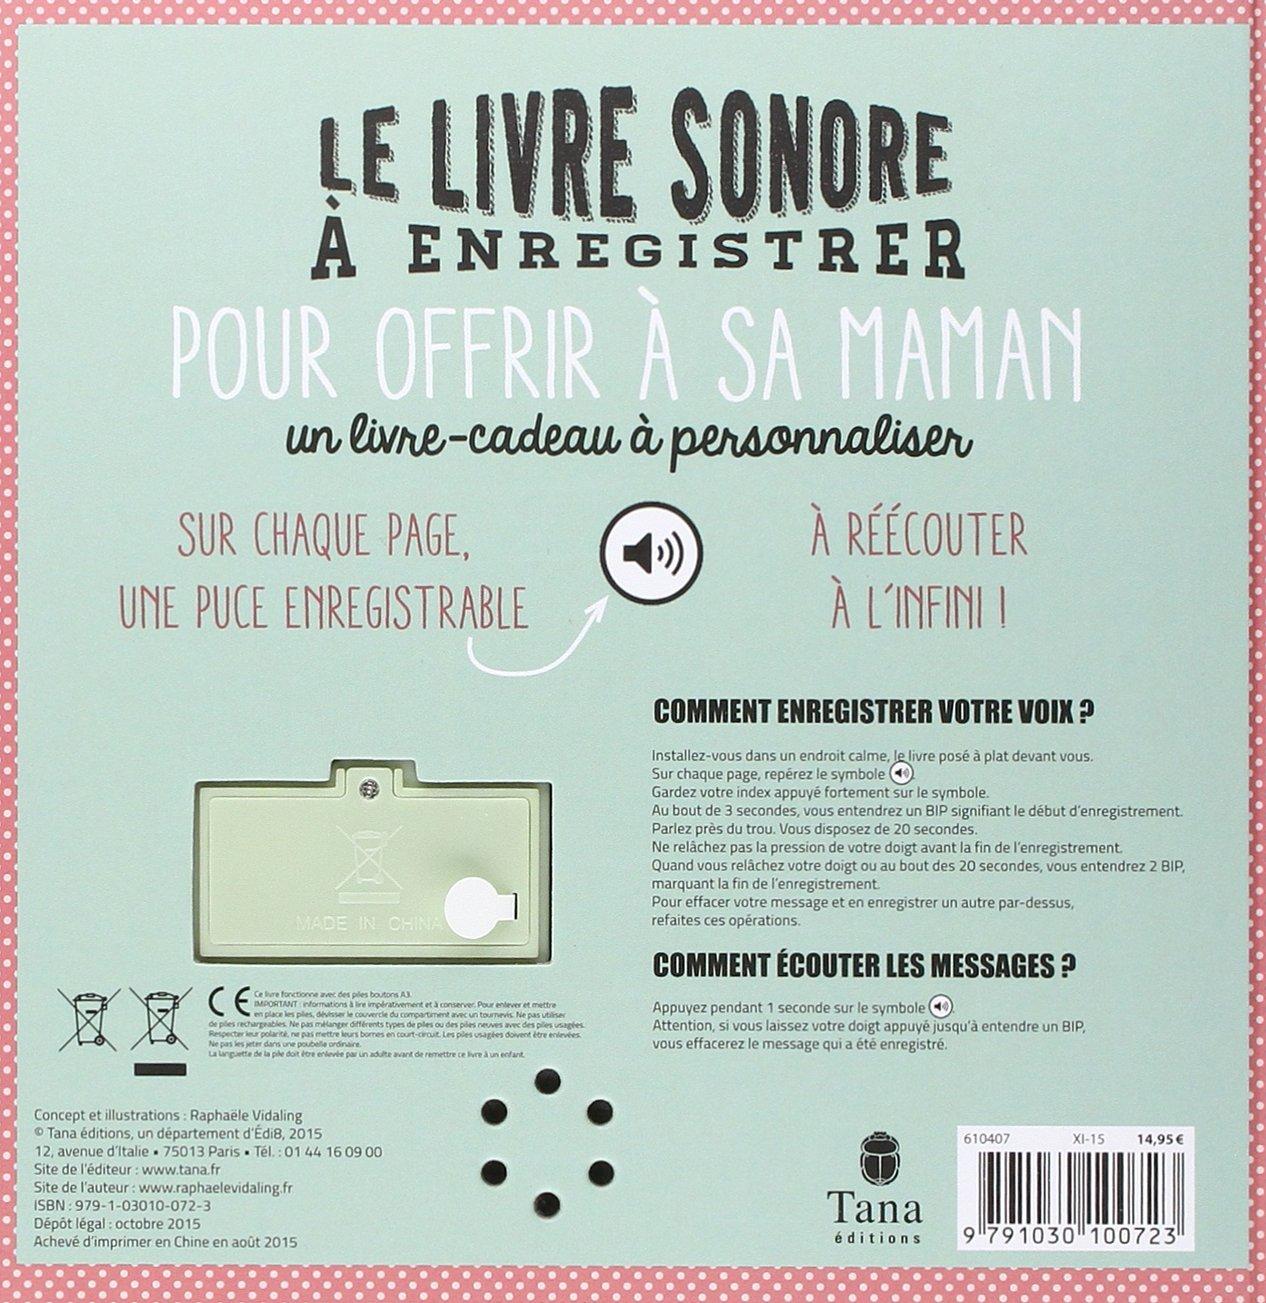 Le Cadeau Original Le Livre Sonore 224 Enregistrer Sakarton border=